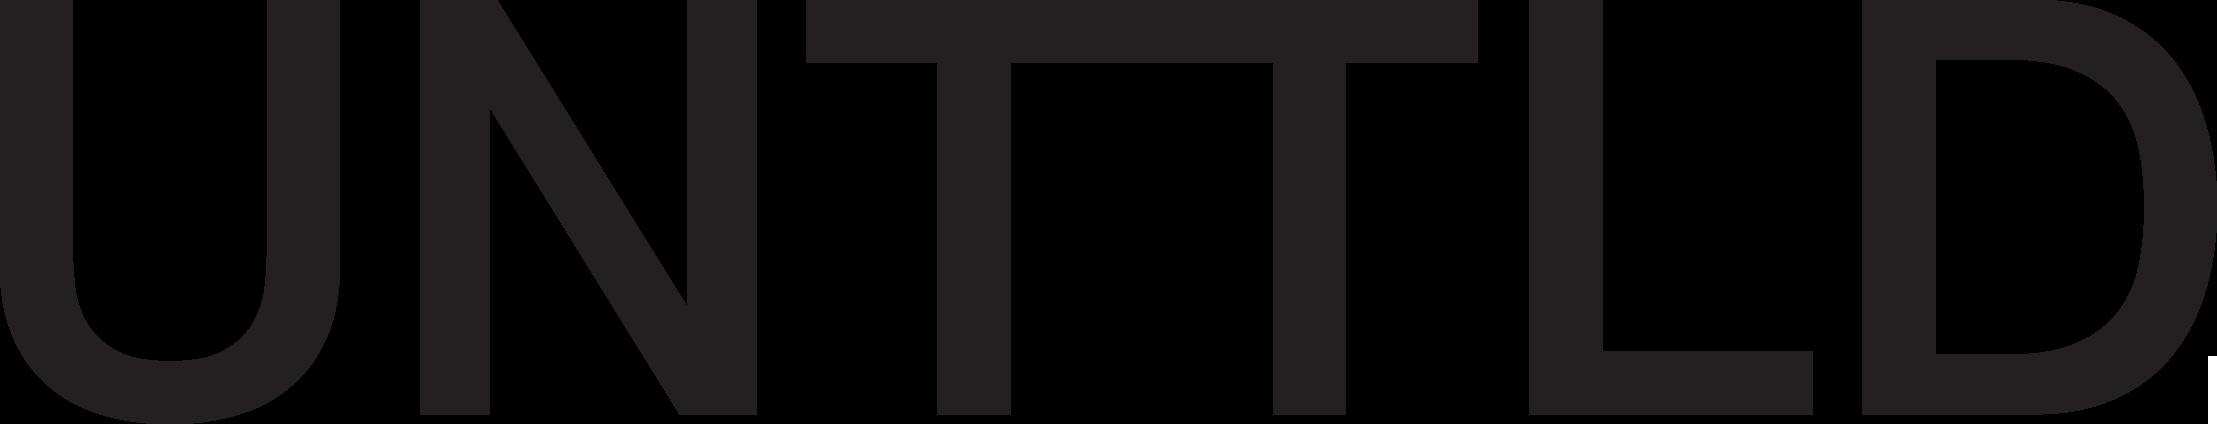 logo helvetica (1).png